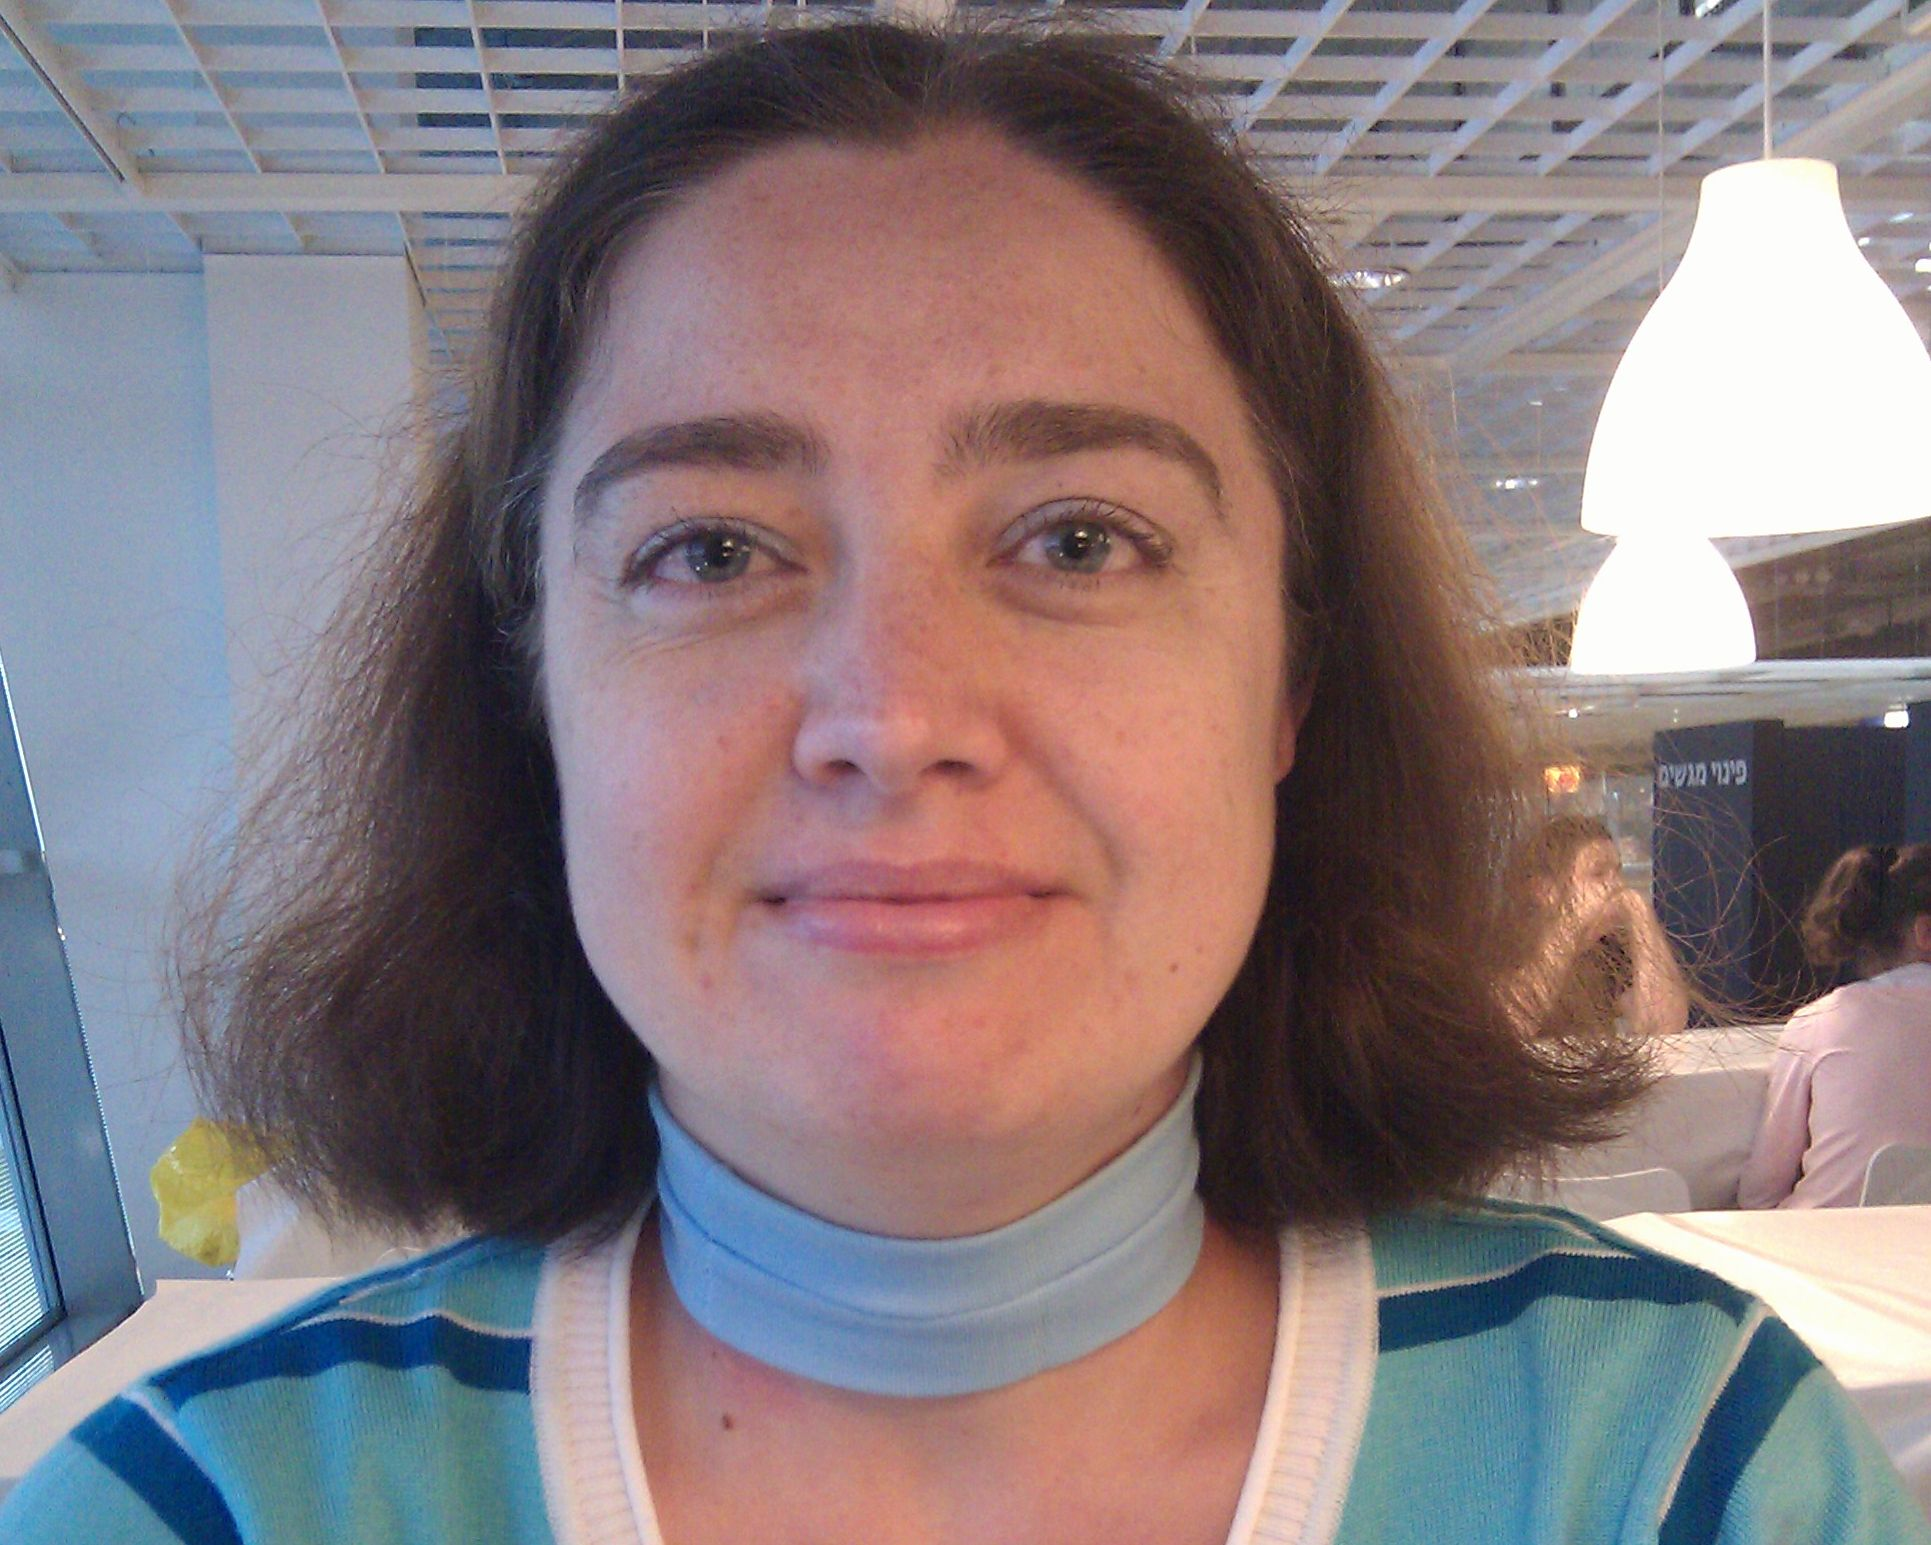 Марина Курцман, основатель и руководитель R&D компании I.N.T. Technology Ltd.